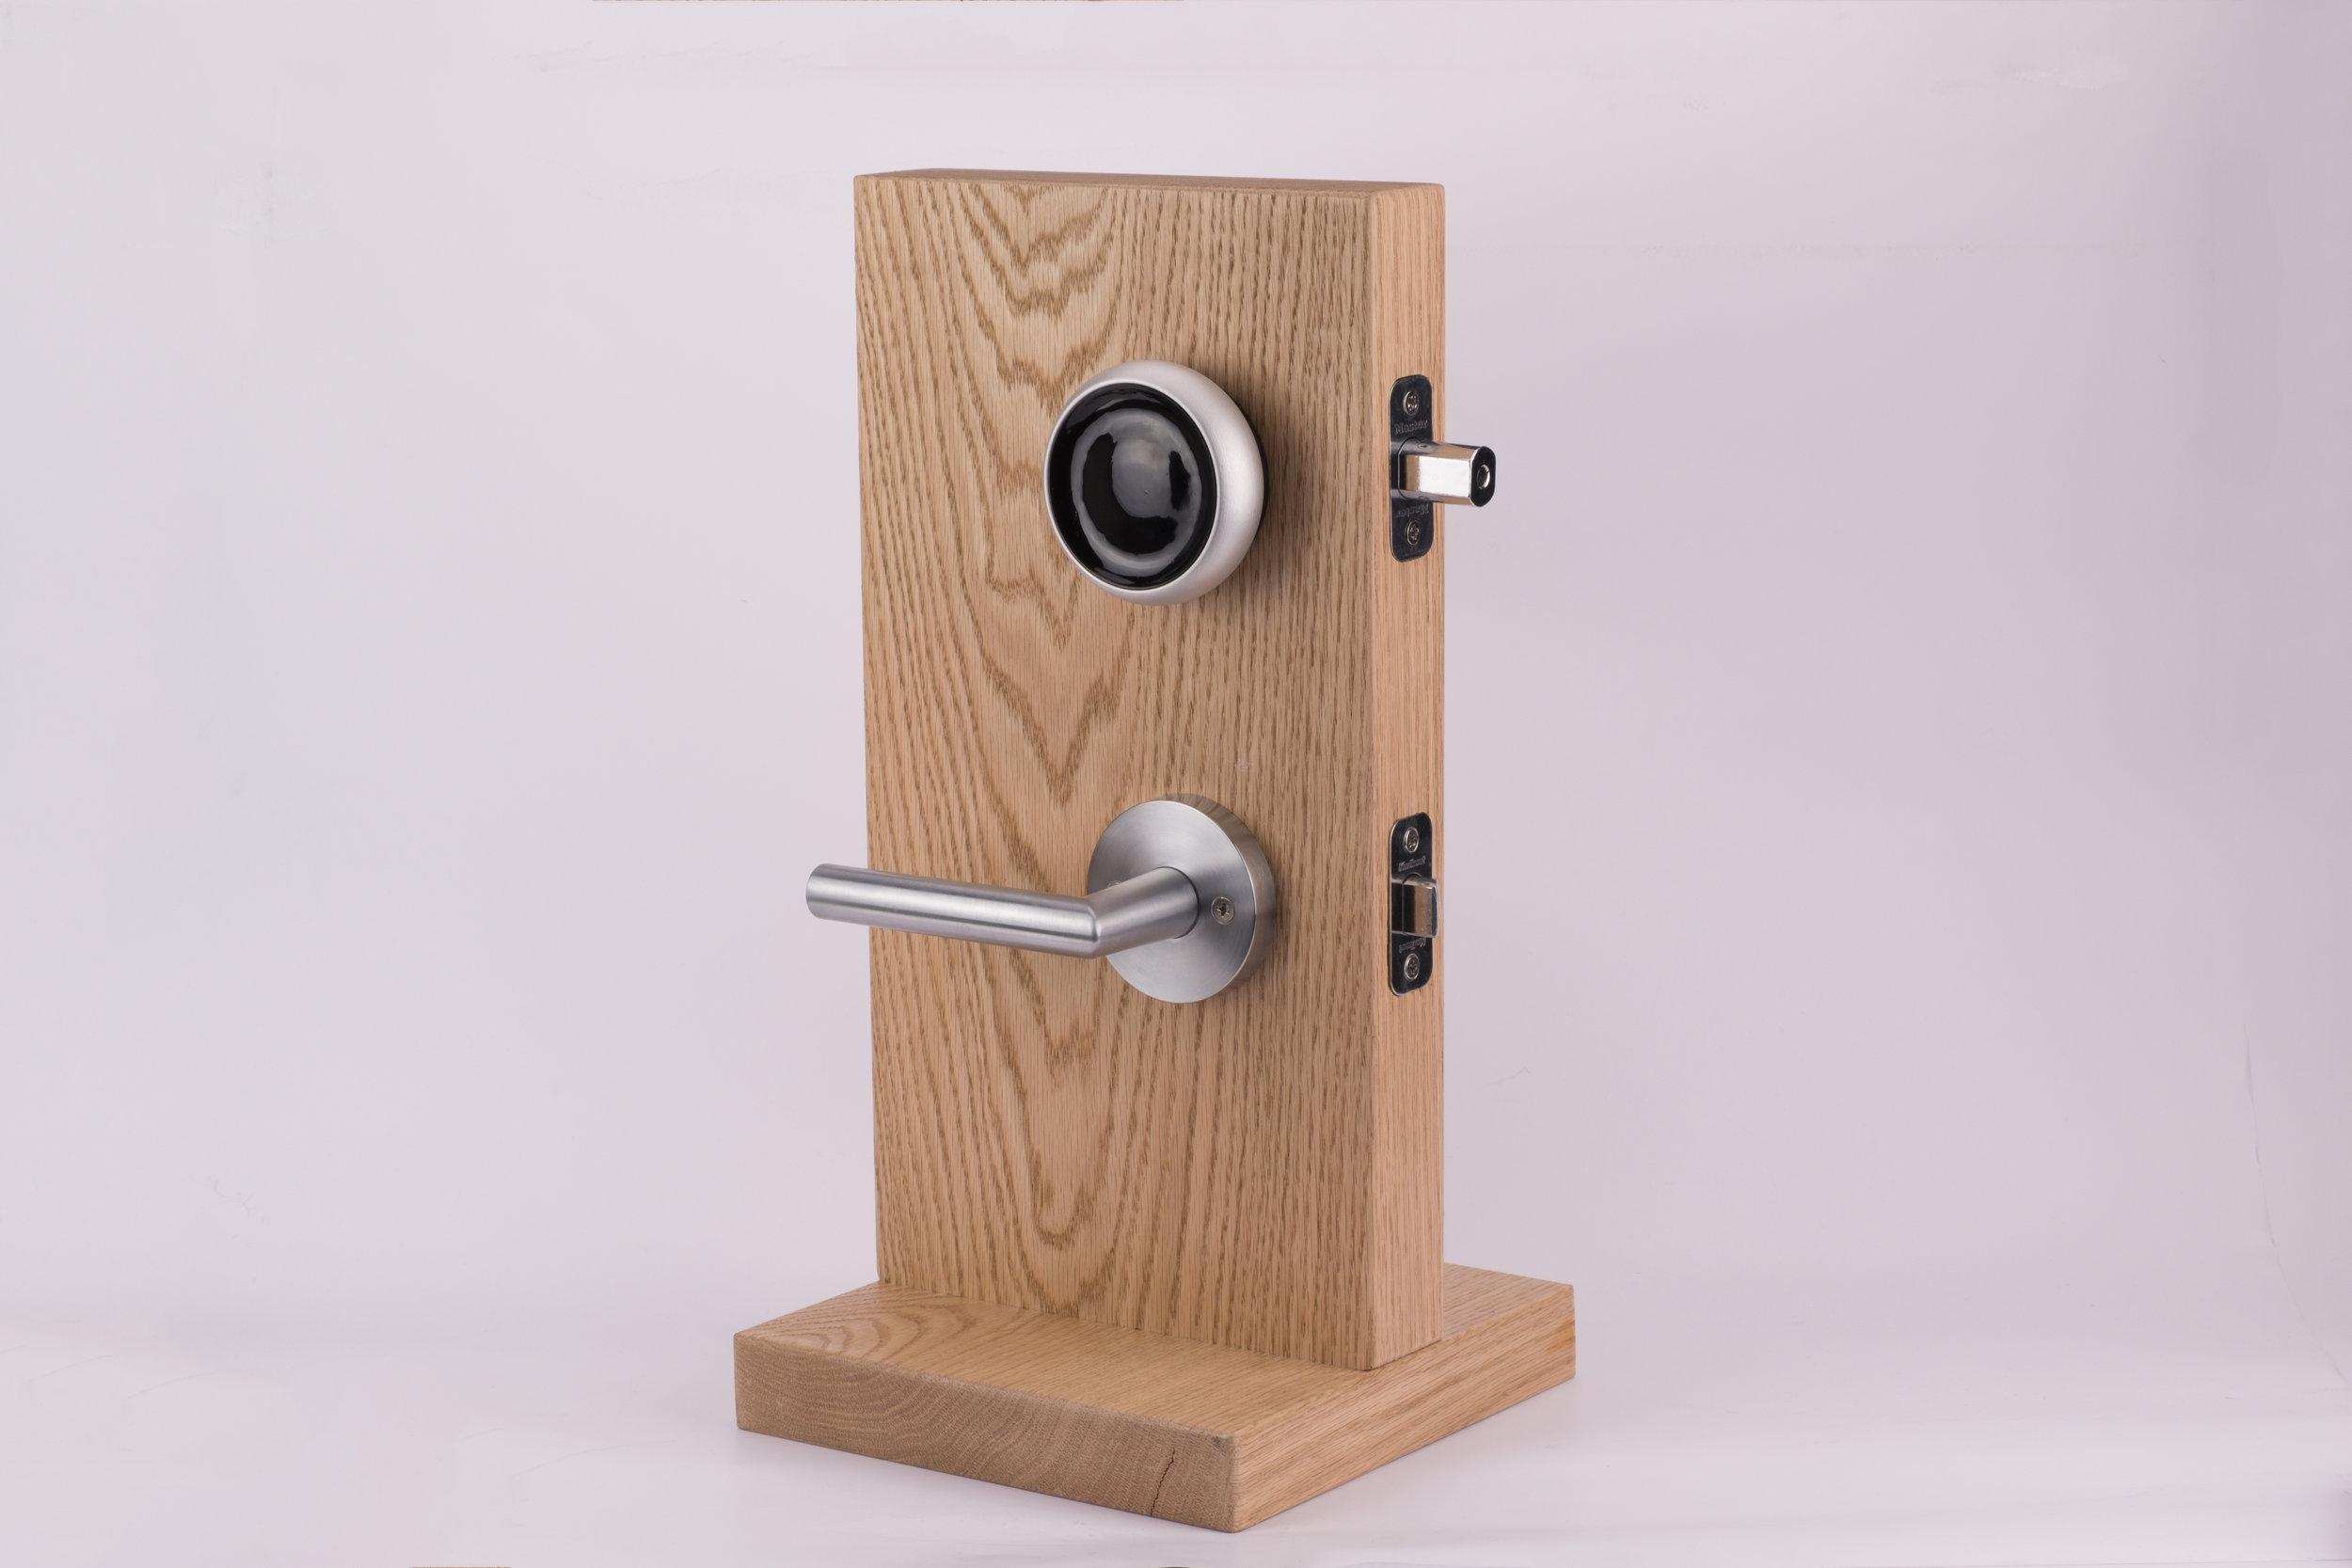 Den fysiske delen av det ene prosjektet som er en ny type smart lås som er mer robust en sine konkurrenter.